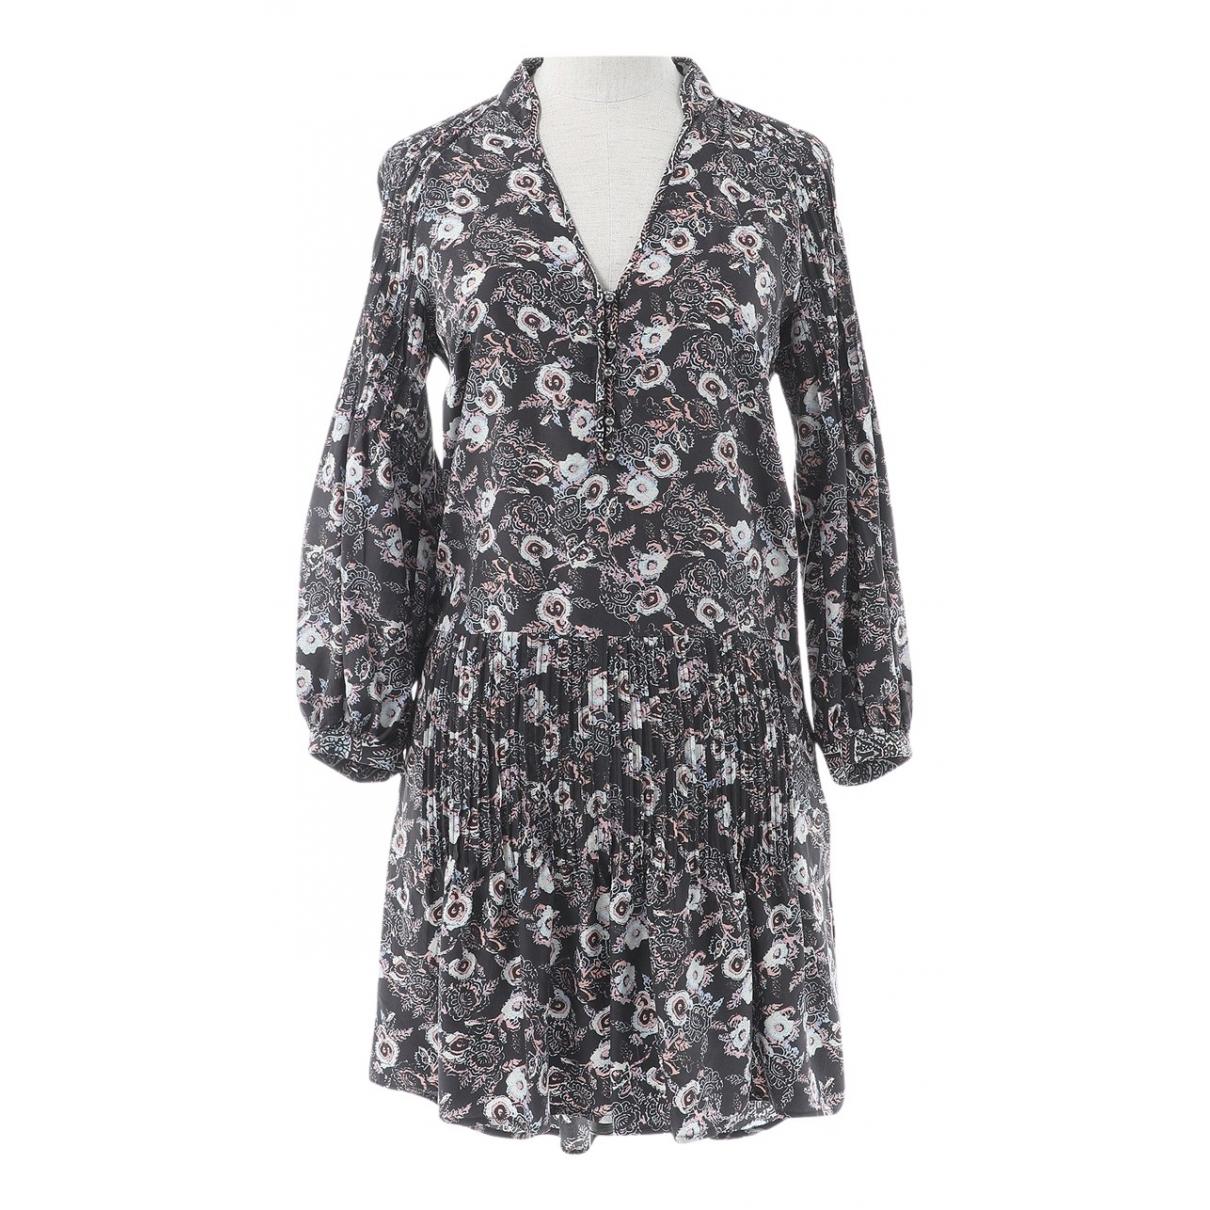 Veronica Beard \N Kleid in  Grau Seide